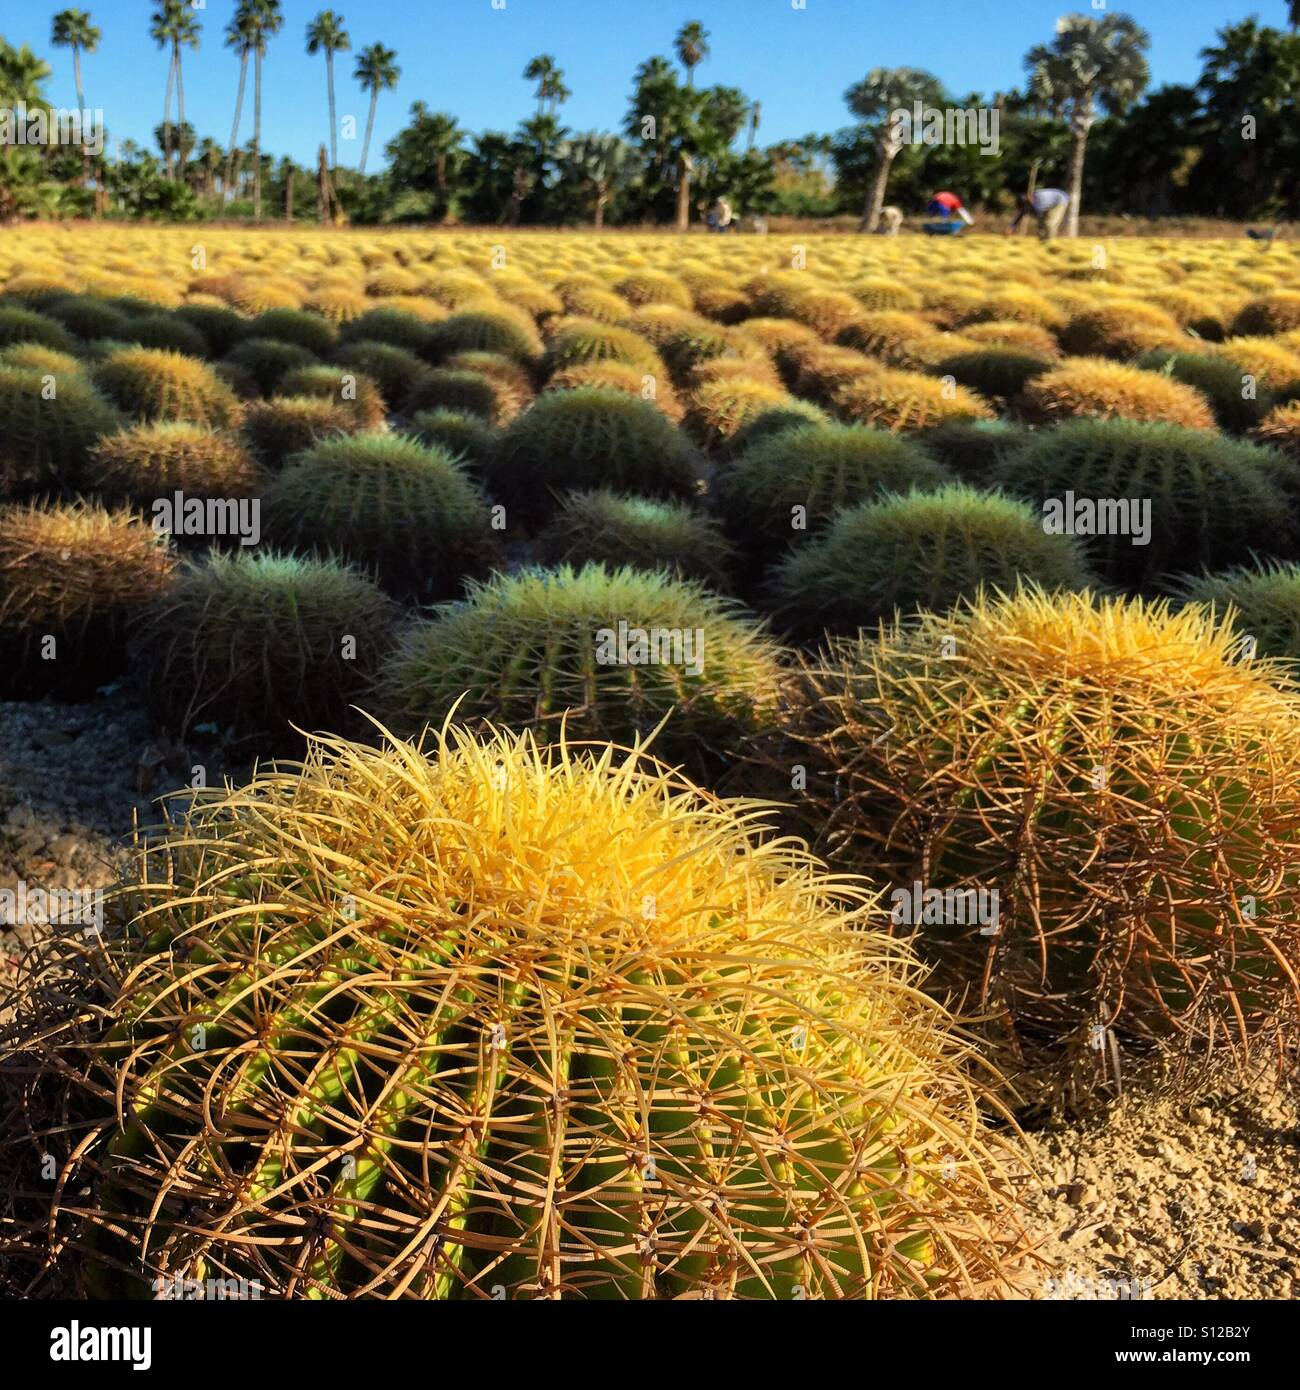 Campo de cactus. Jardín Wirikuta, Los Cabos, México Imagen De Stock